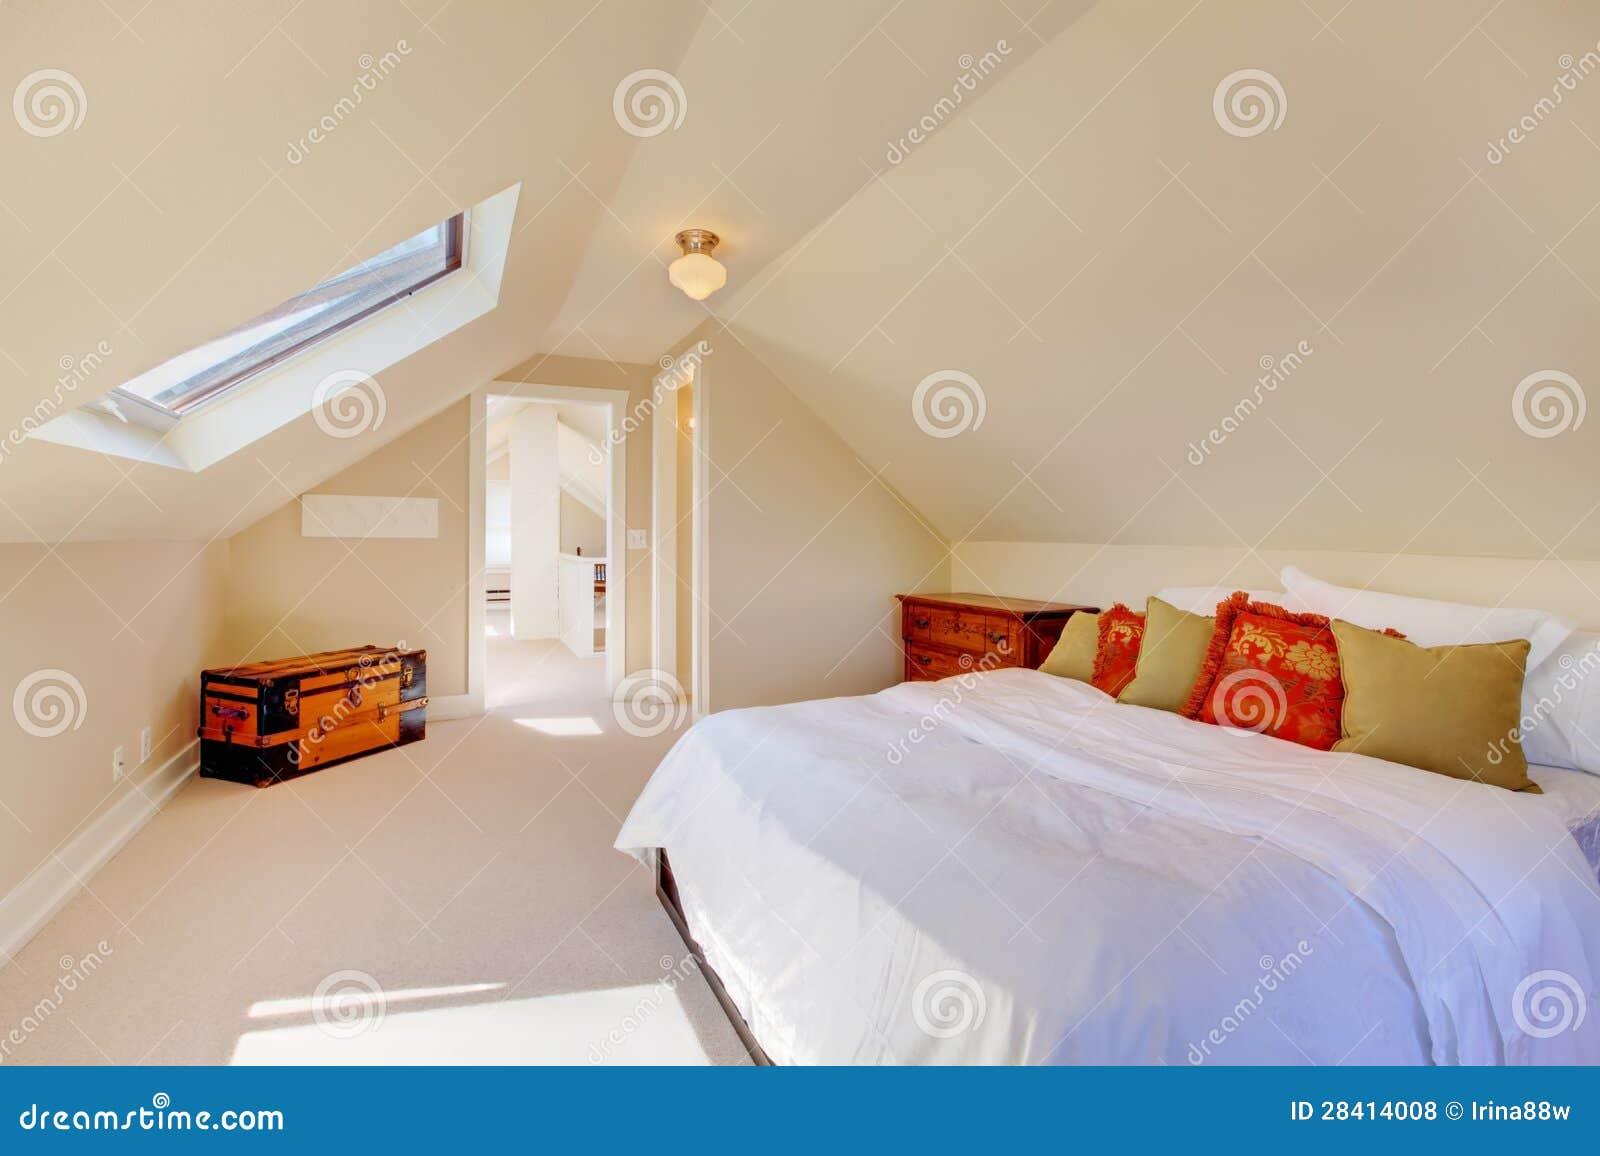 Camera da letto pulita luminosa della soffitta nella - Camera da letto piccola ...